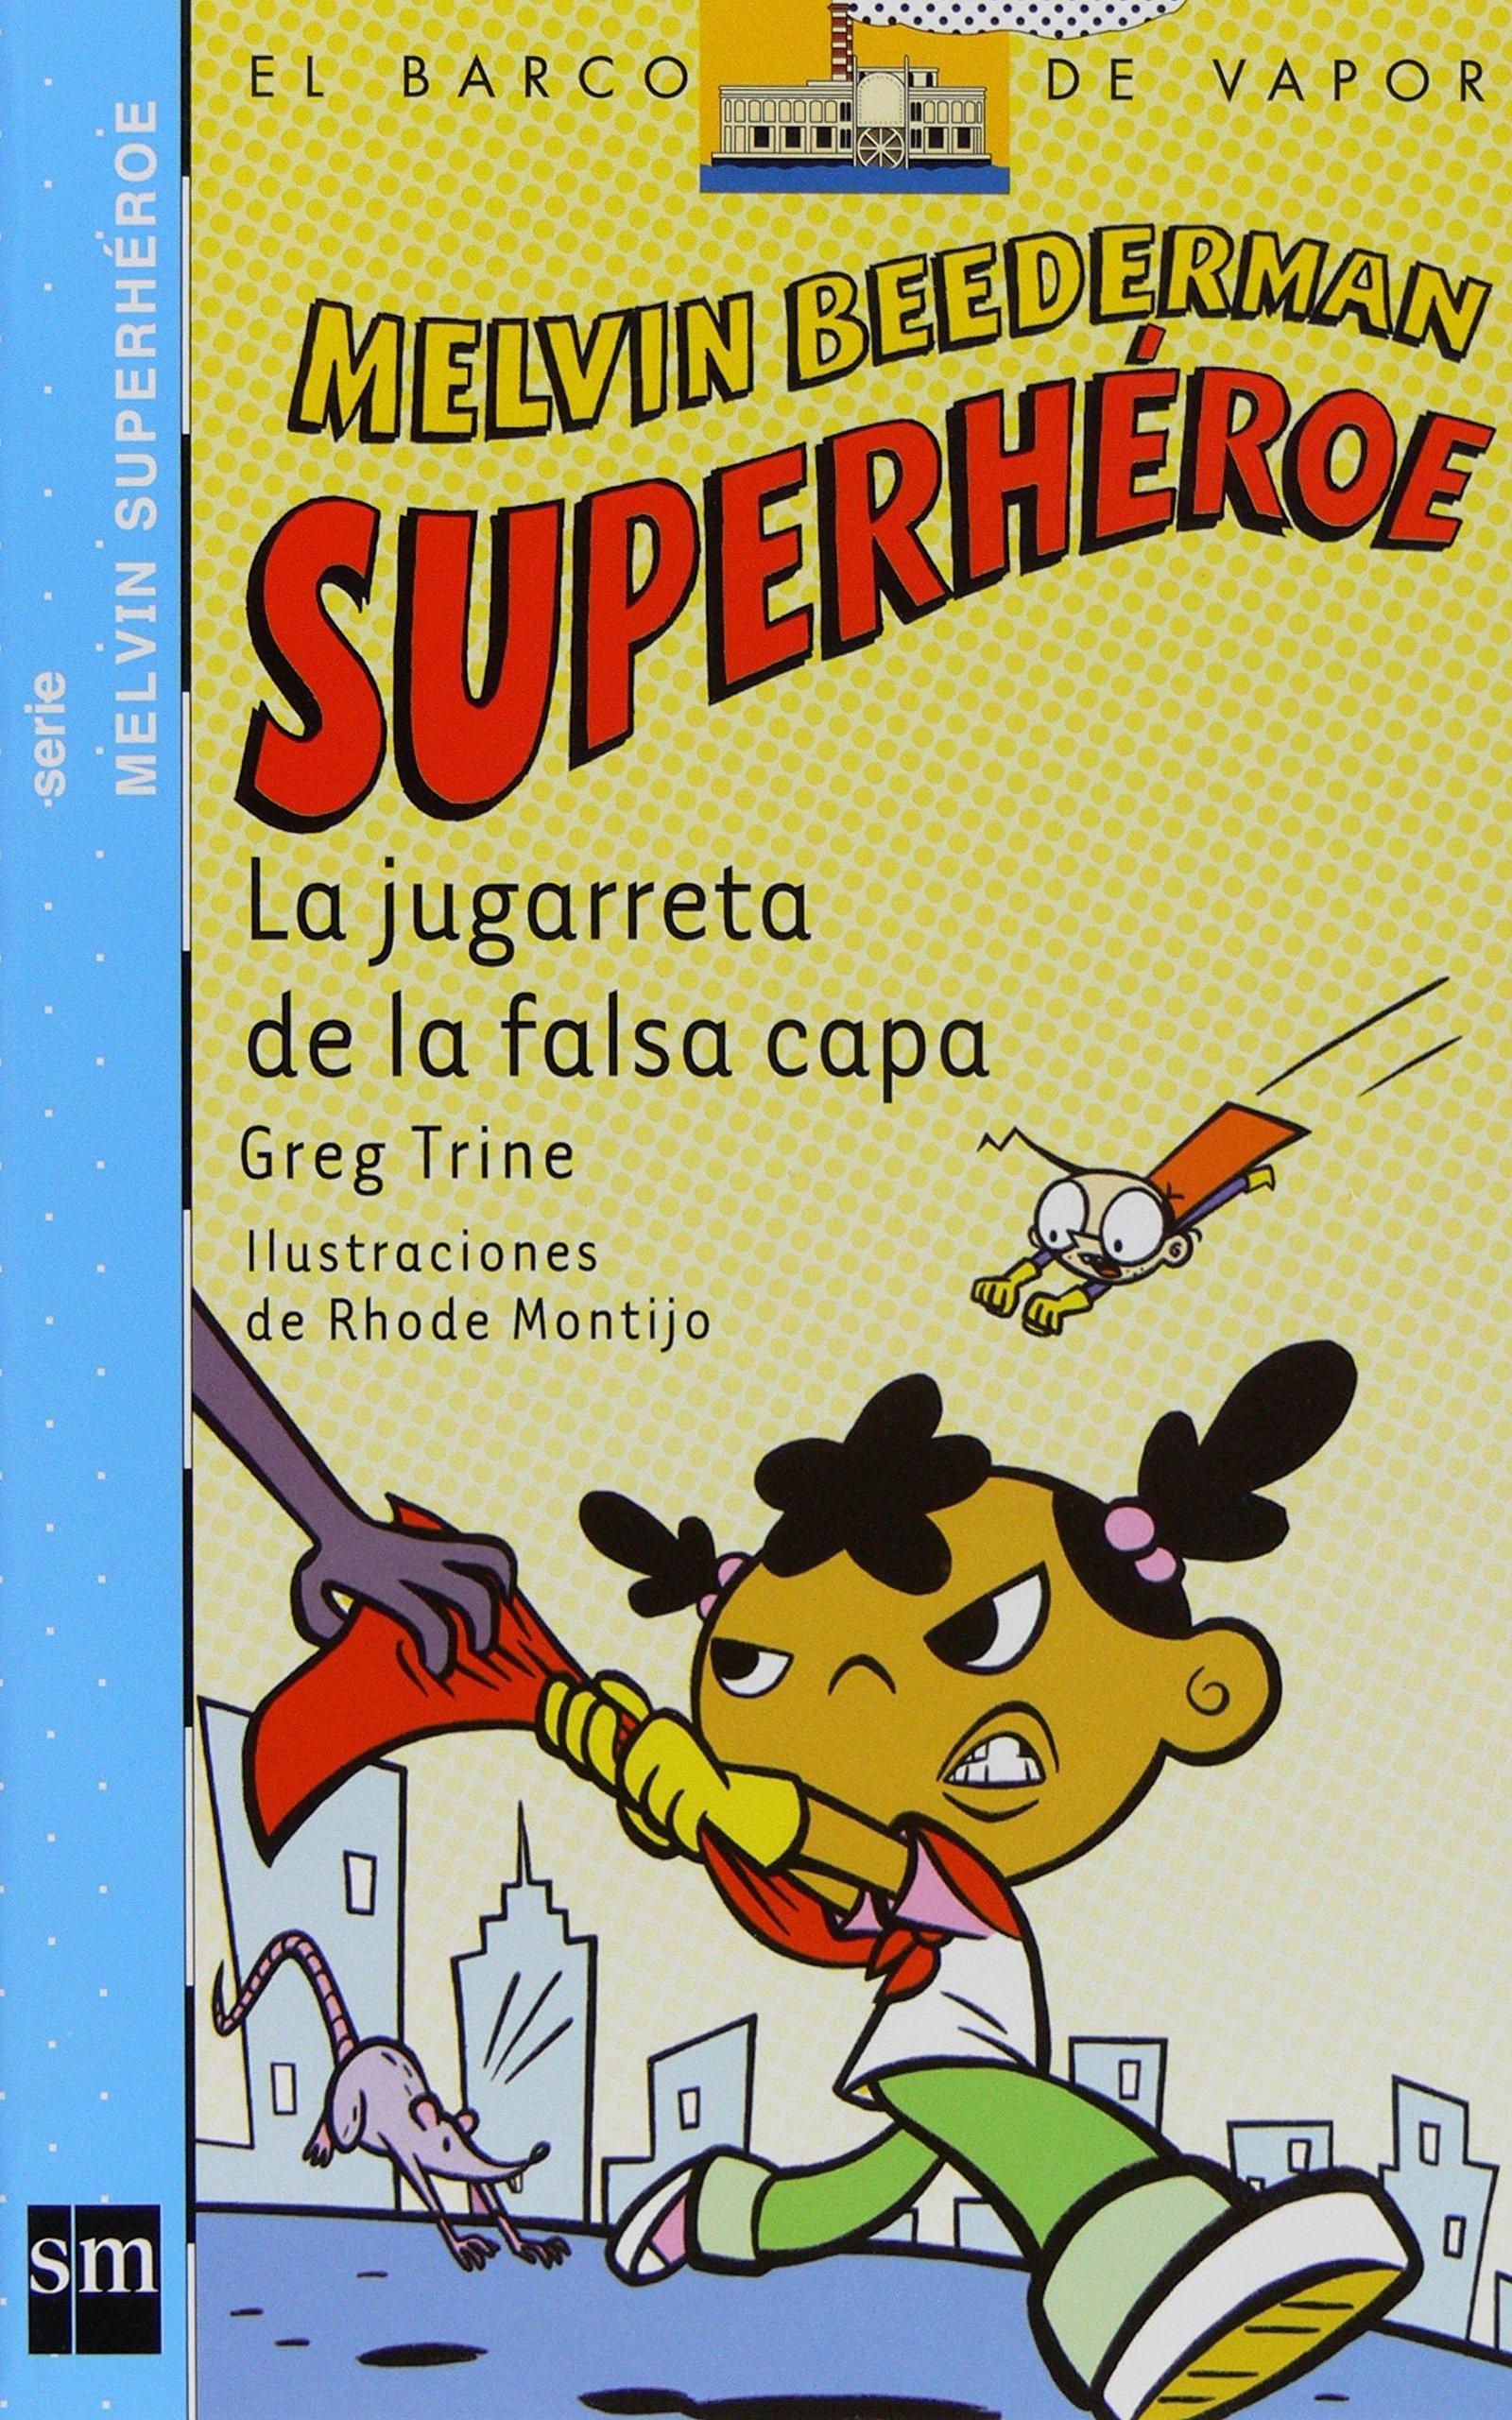 Download La jugarreta de la falsa capa (El barco de vapor: Melvin Beederab Superheroe/ The Steamboat: Melvin Beederman Superhero) (Spanish Edition) ebook